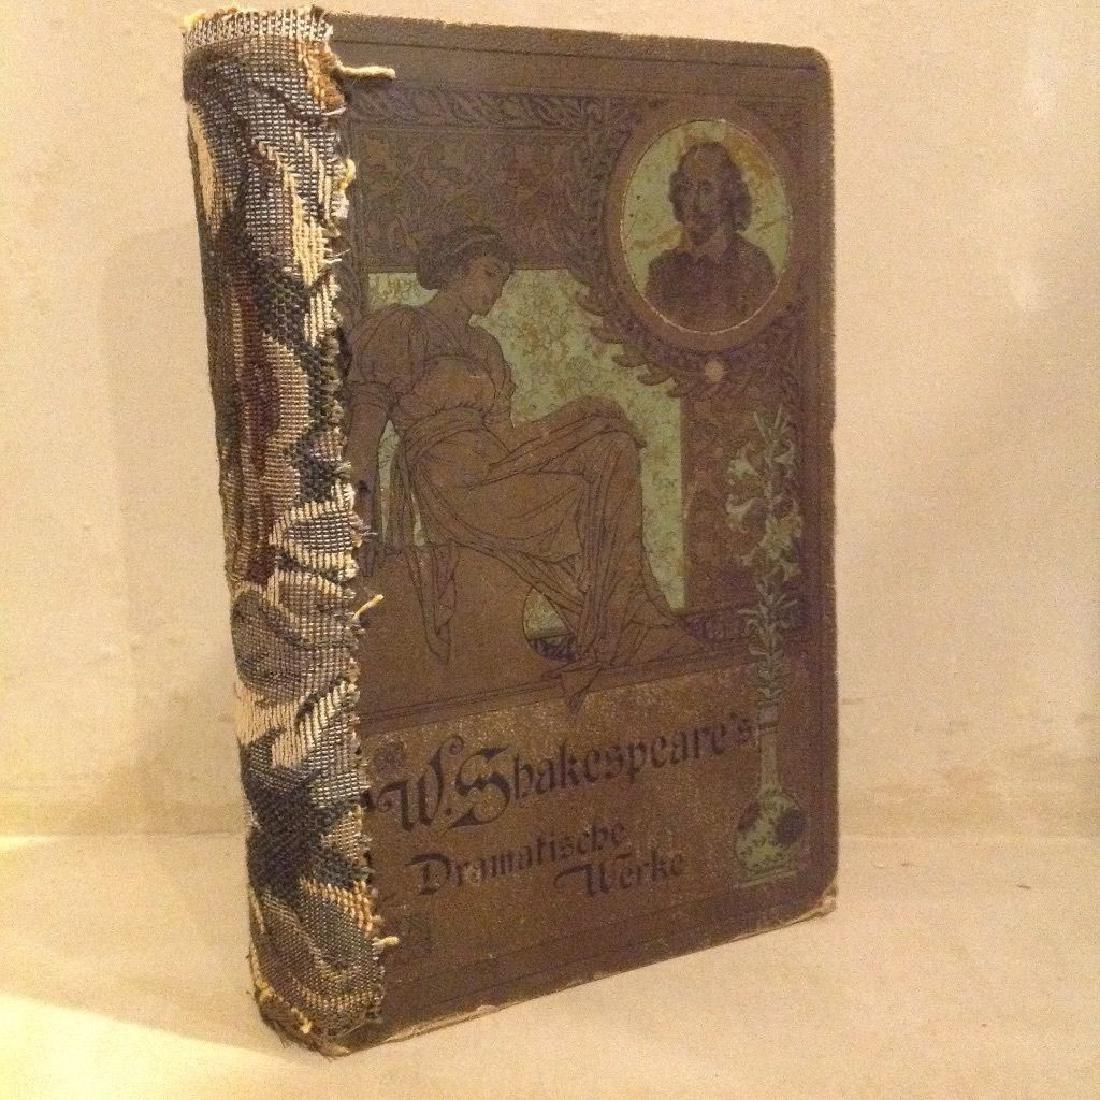 William Shakespeare's Dramatische Werke (1900)